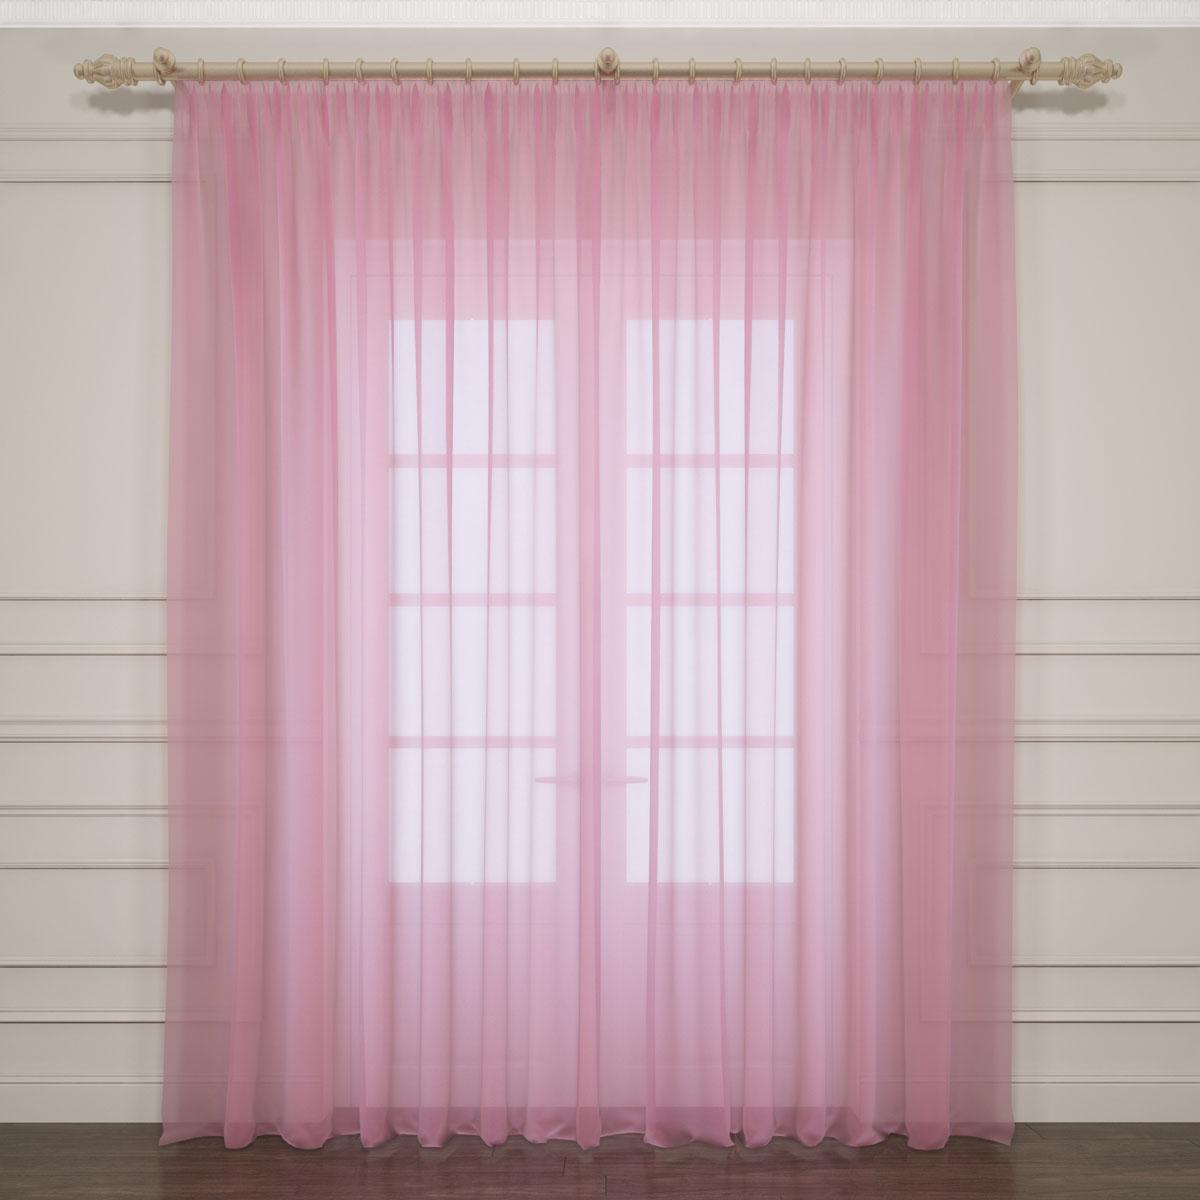 Тюль Сирень, на ленте, цвет: розовый, высота 260 см. 03761-ТЛ-ВЛ-001 комплект фотоштор сирень водопад для двоих на ленте высота 260 см 03747 фш бл 001